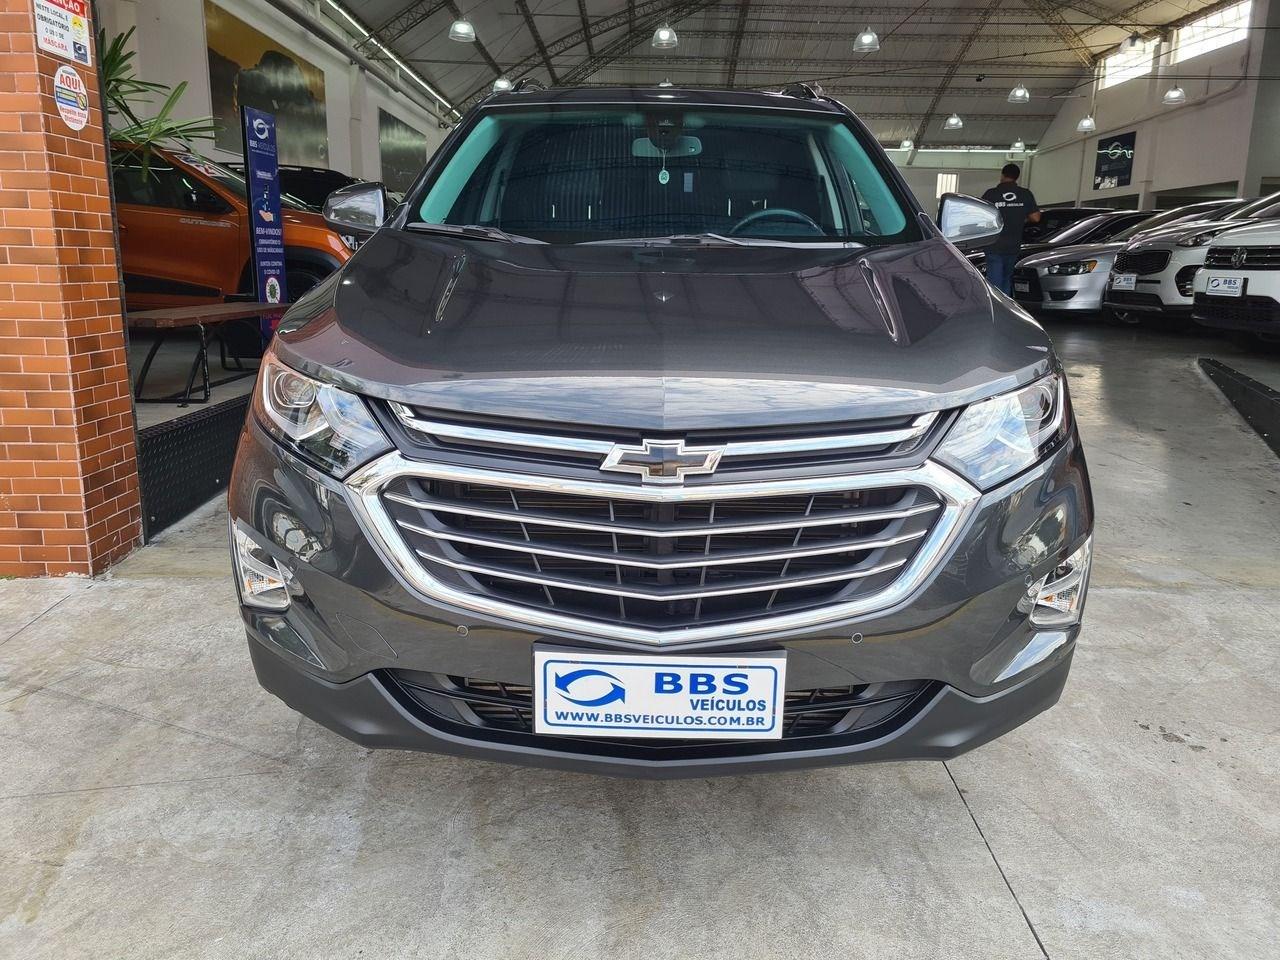 //www.autoline.com.br/carro/chevrolet/equinox-15-midnight-16v-gasolina-4p-turbo-automatico/2020/sao-paulo-sp/14663003